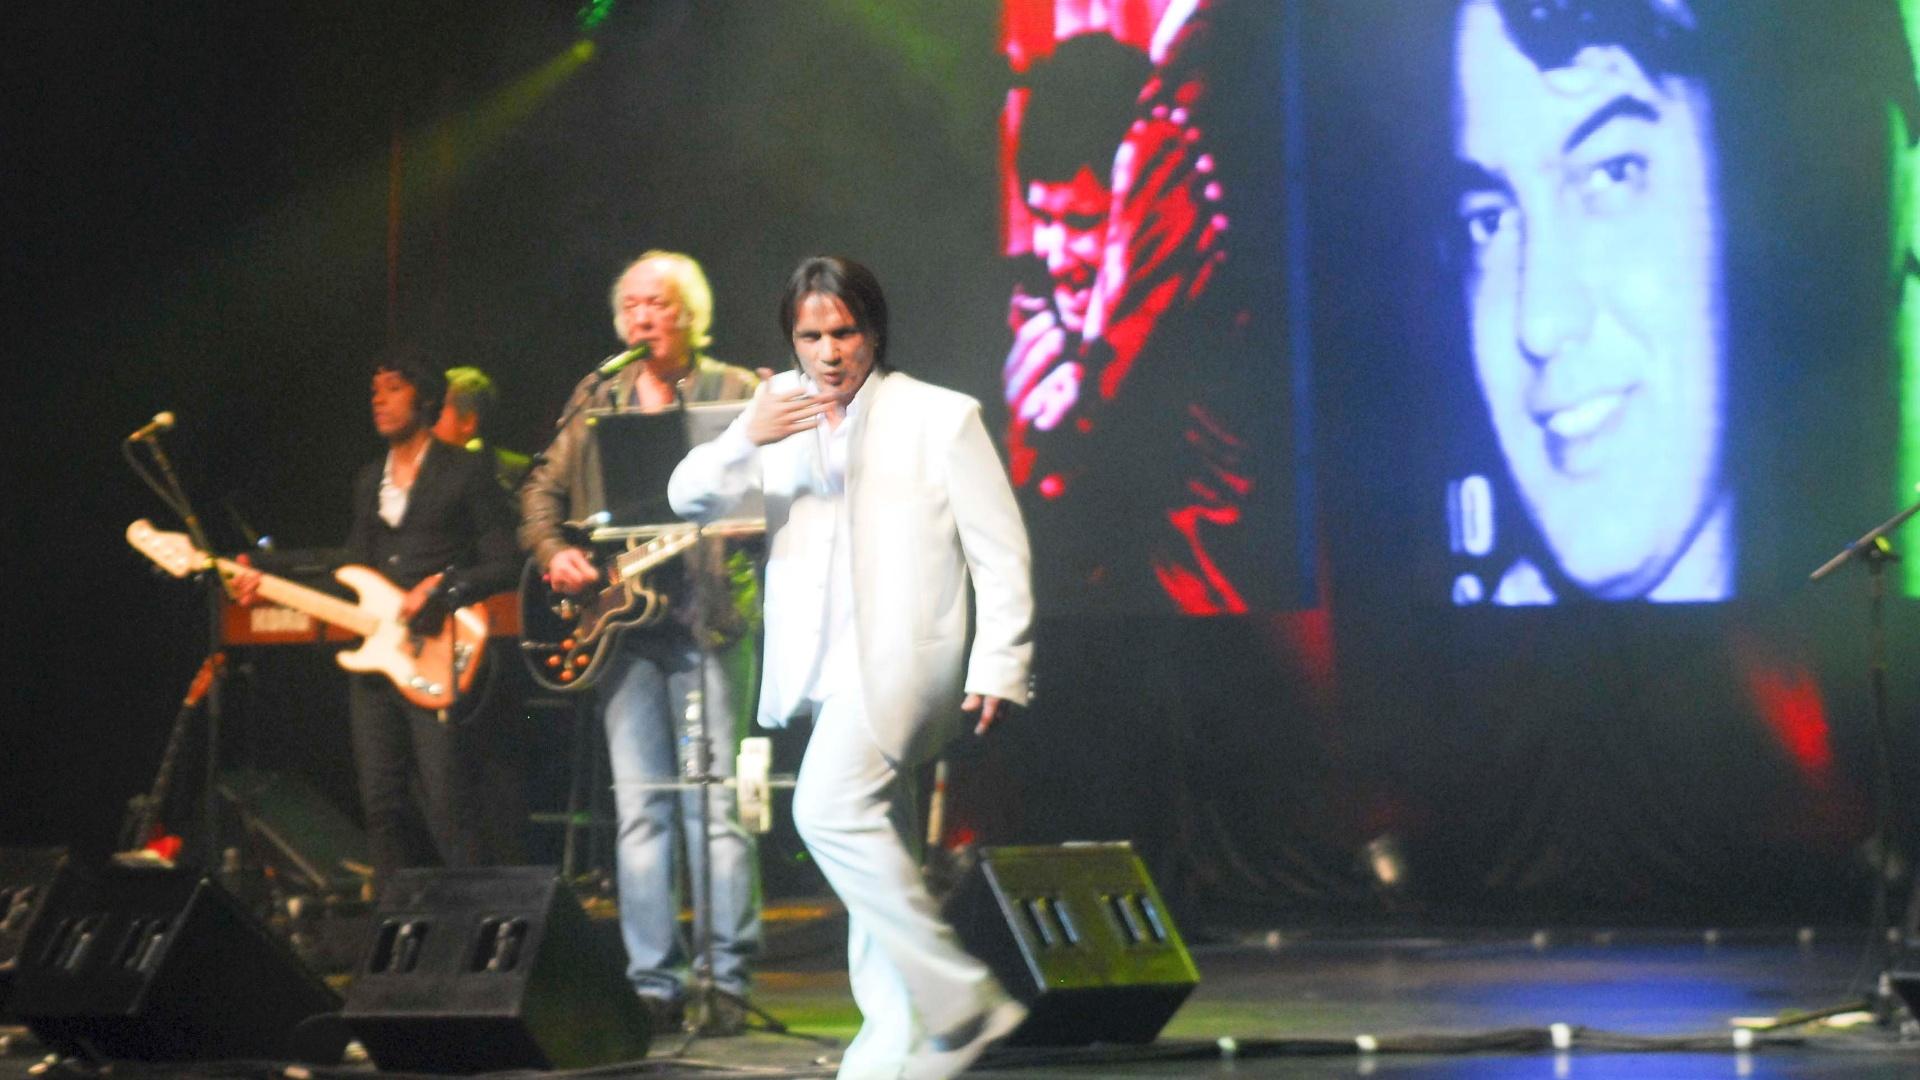 Sósia de Roberto Carlos divide o palco com Erasmo Carlos (14/9/11)